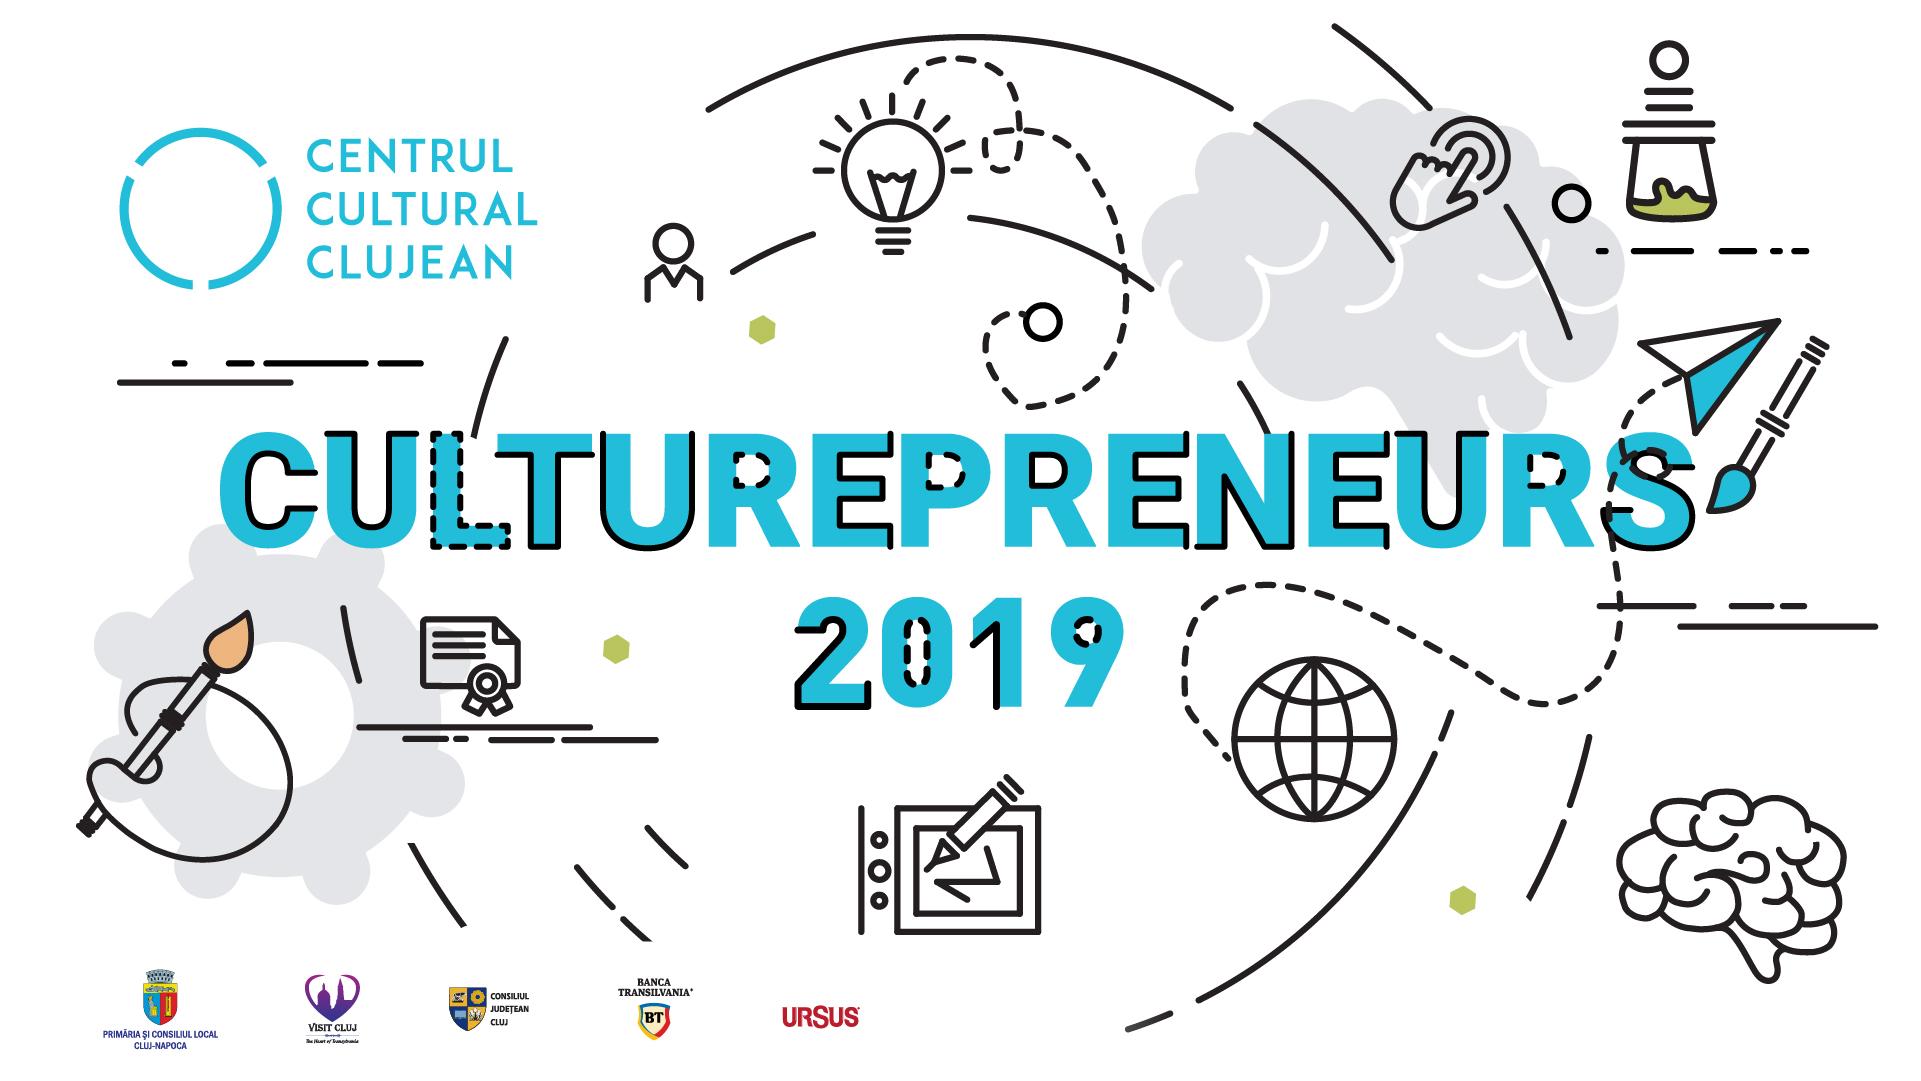 Centrul Cultural Clujean dă startul Culturepreneurs 2019